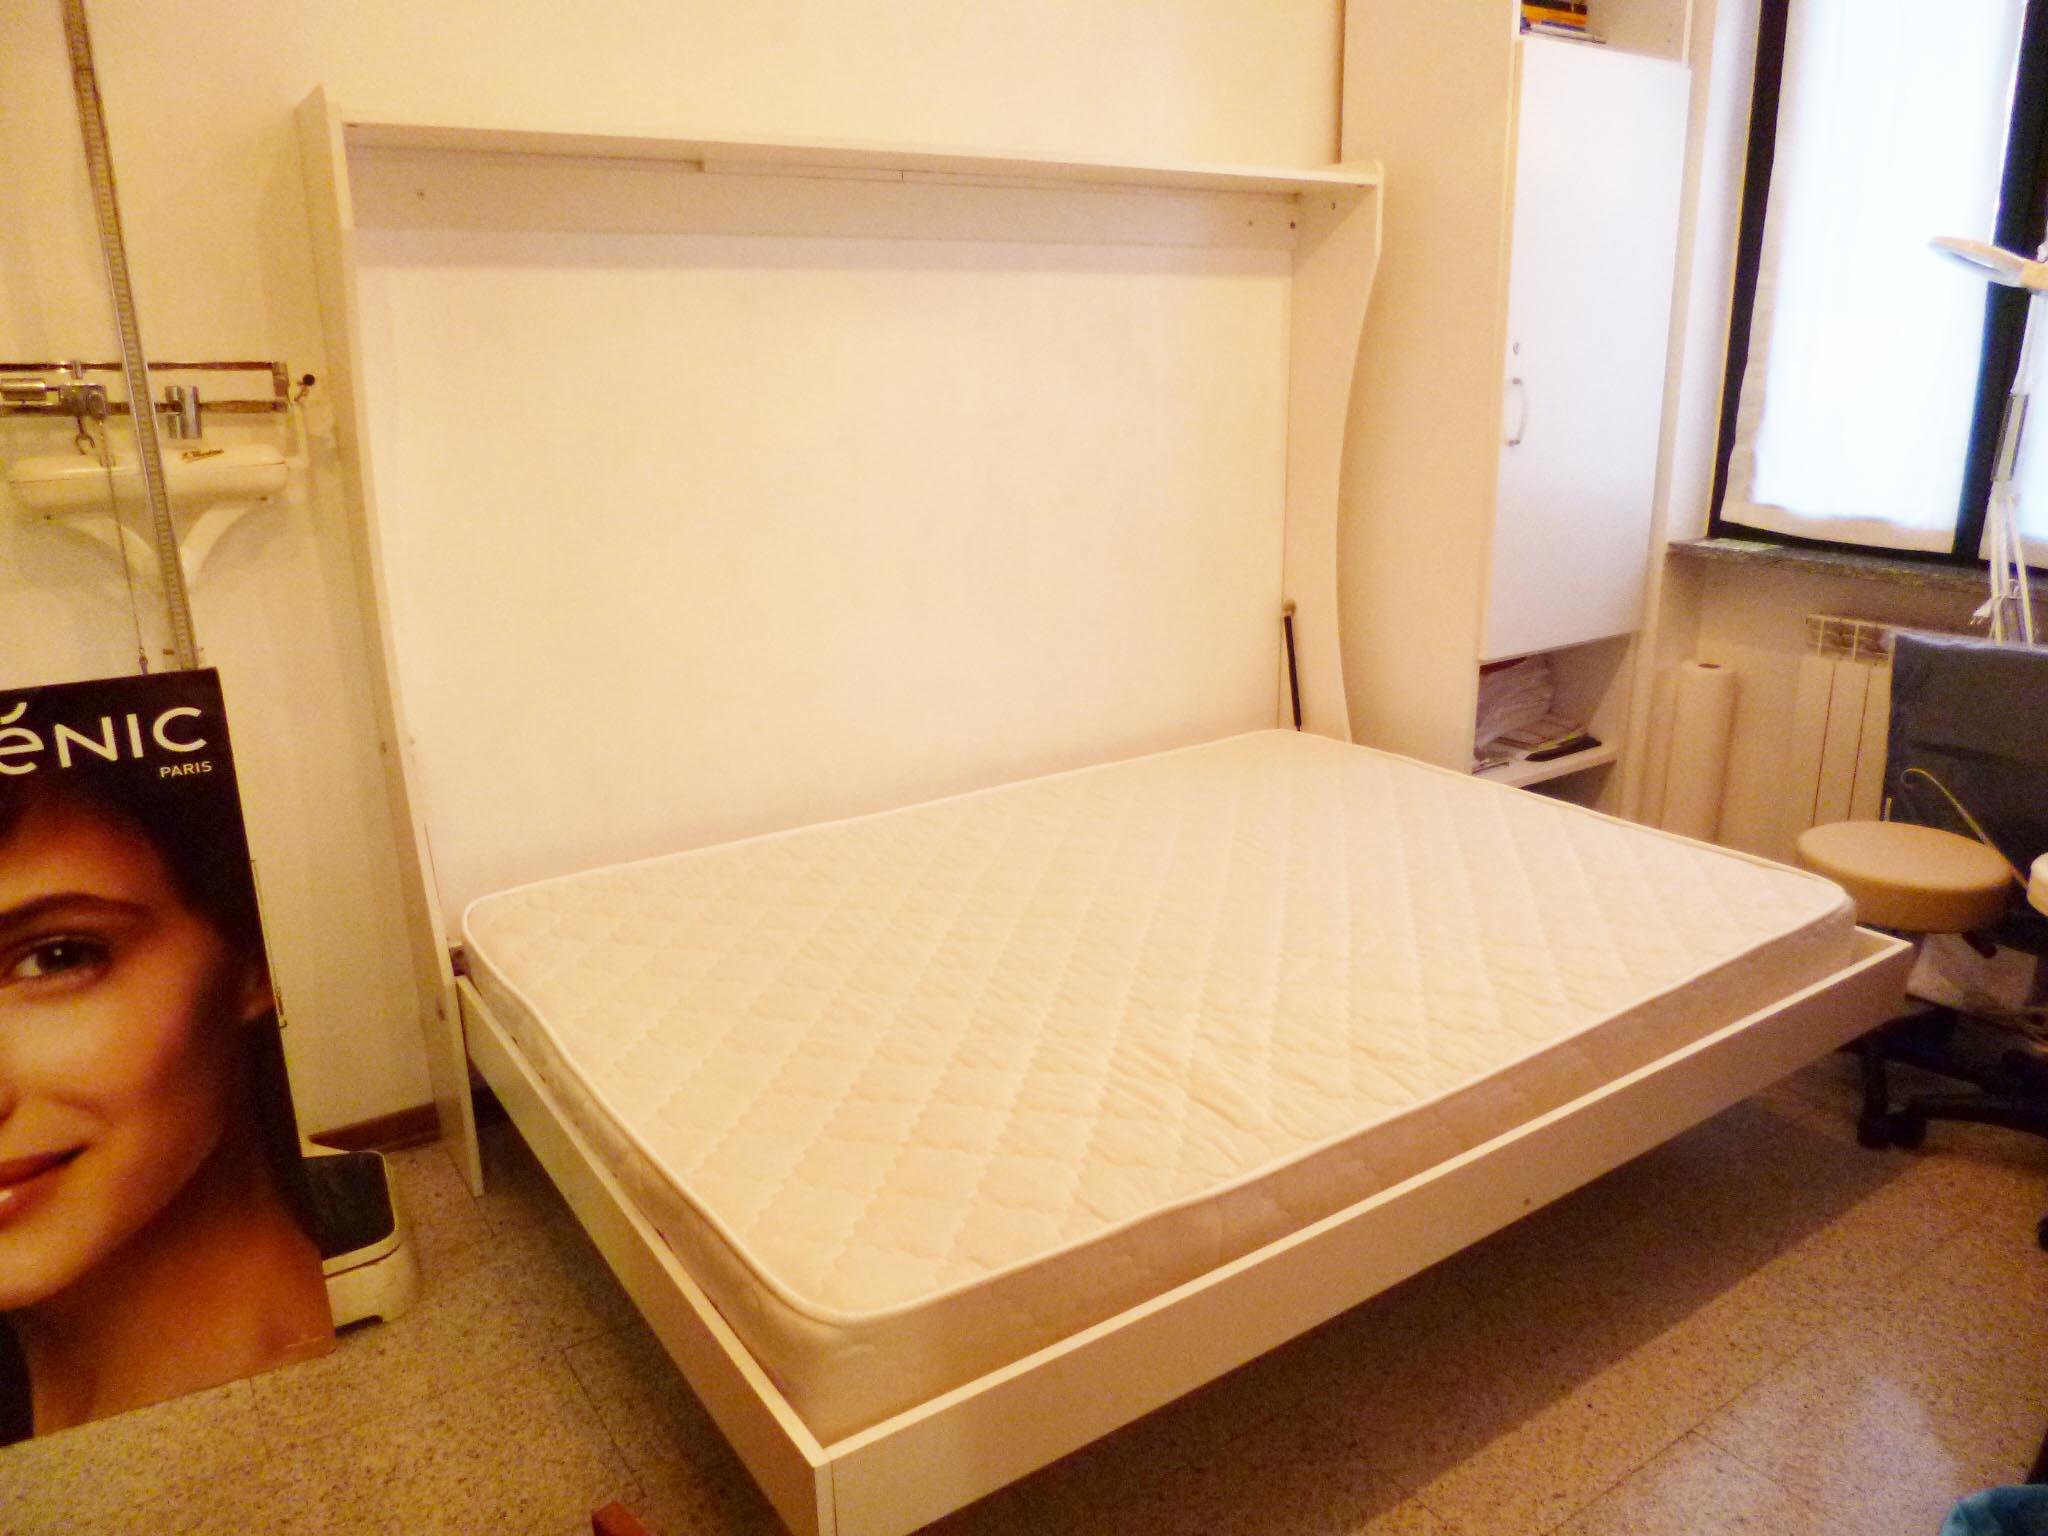 Letto a parete una piazza e mezza consolle bed vivilospazio mobili trasformabili - Misura letto una piazza e mezza ...